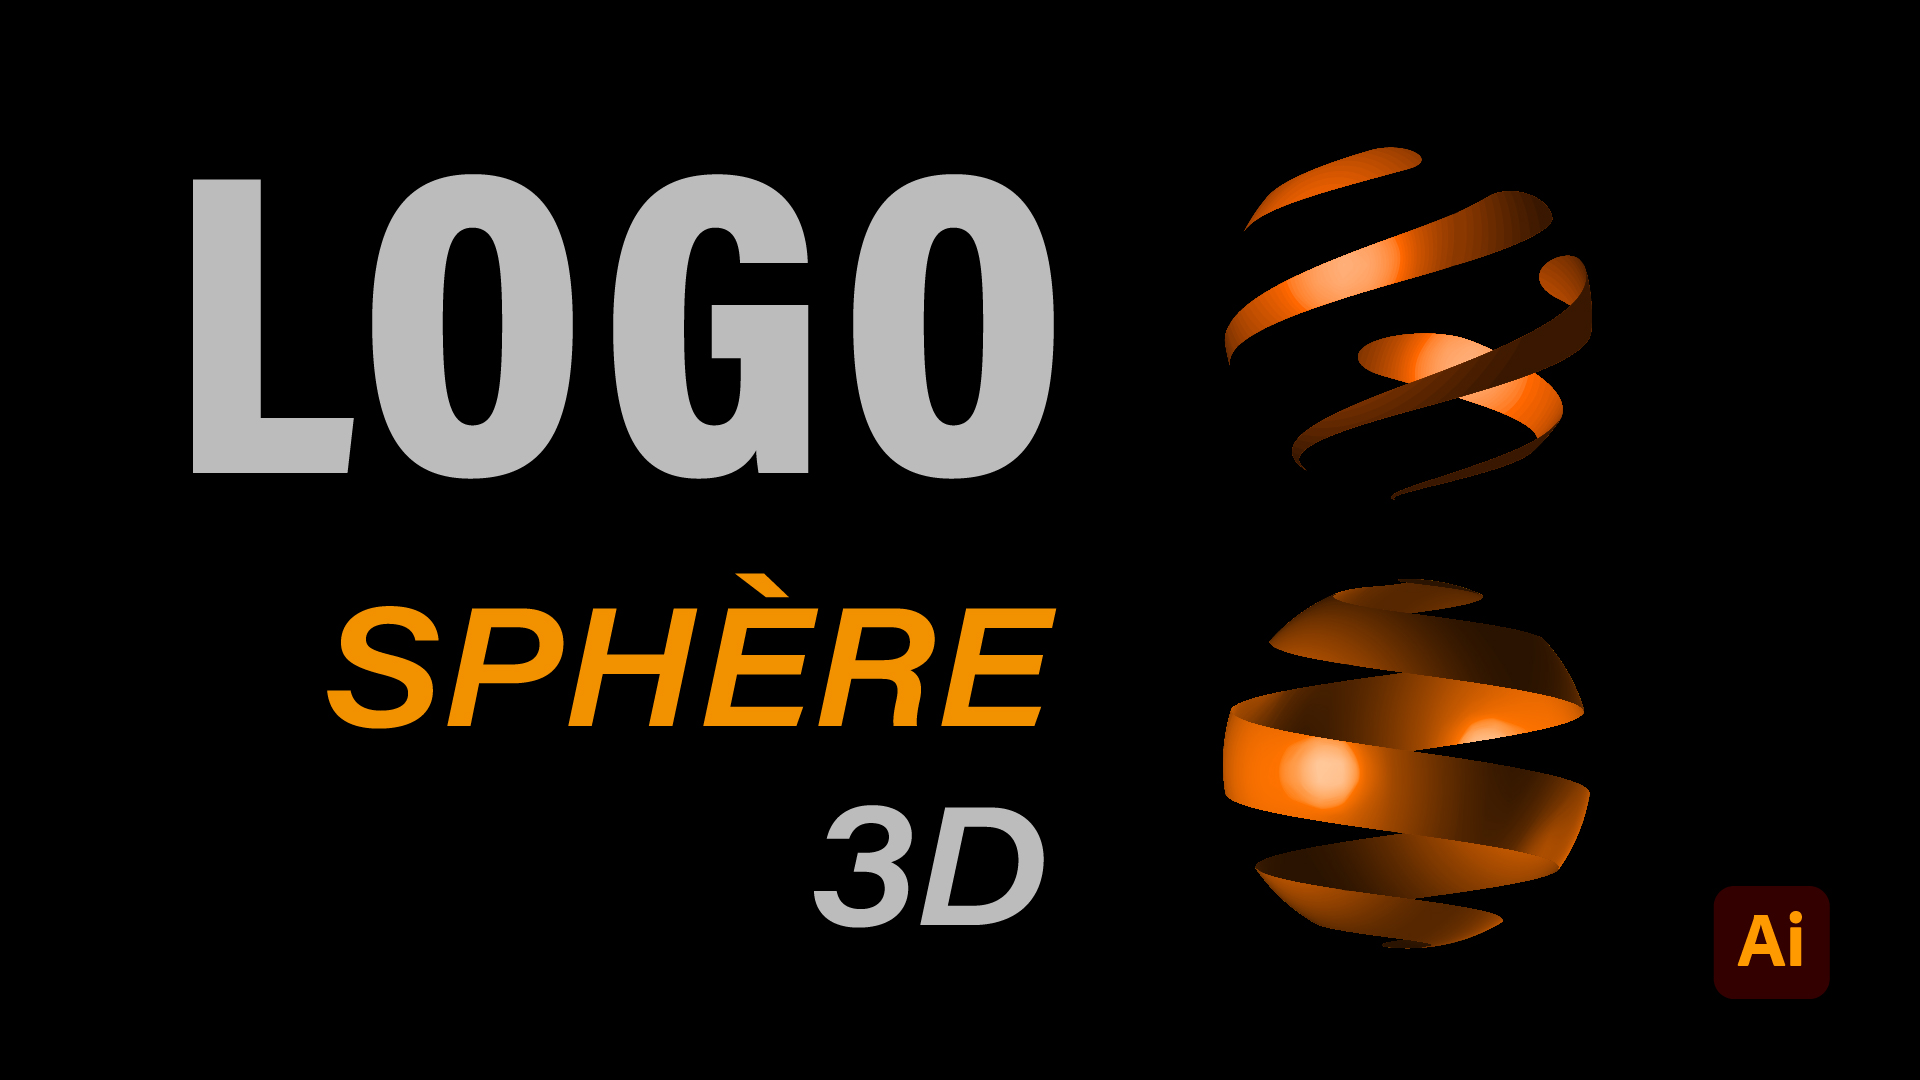 Comment faire un logo sphererique3D avec illustrator